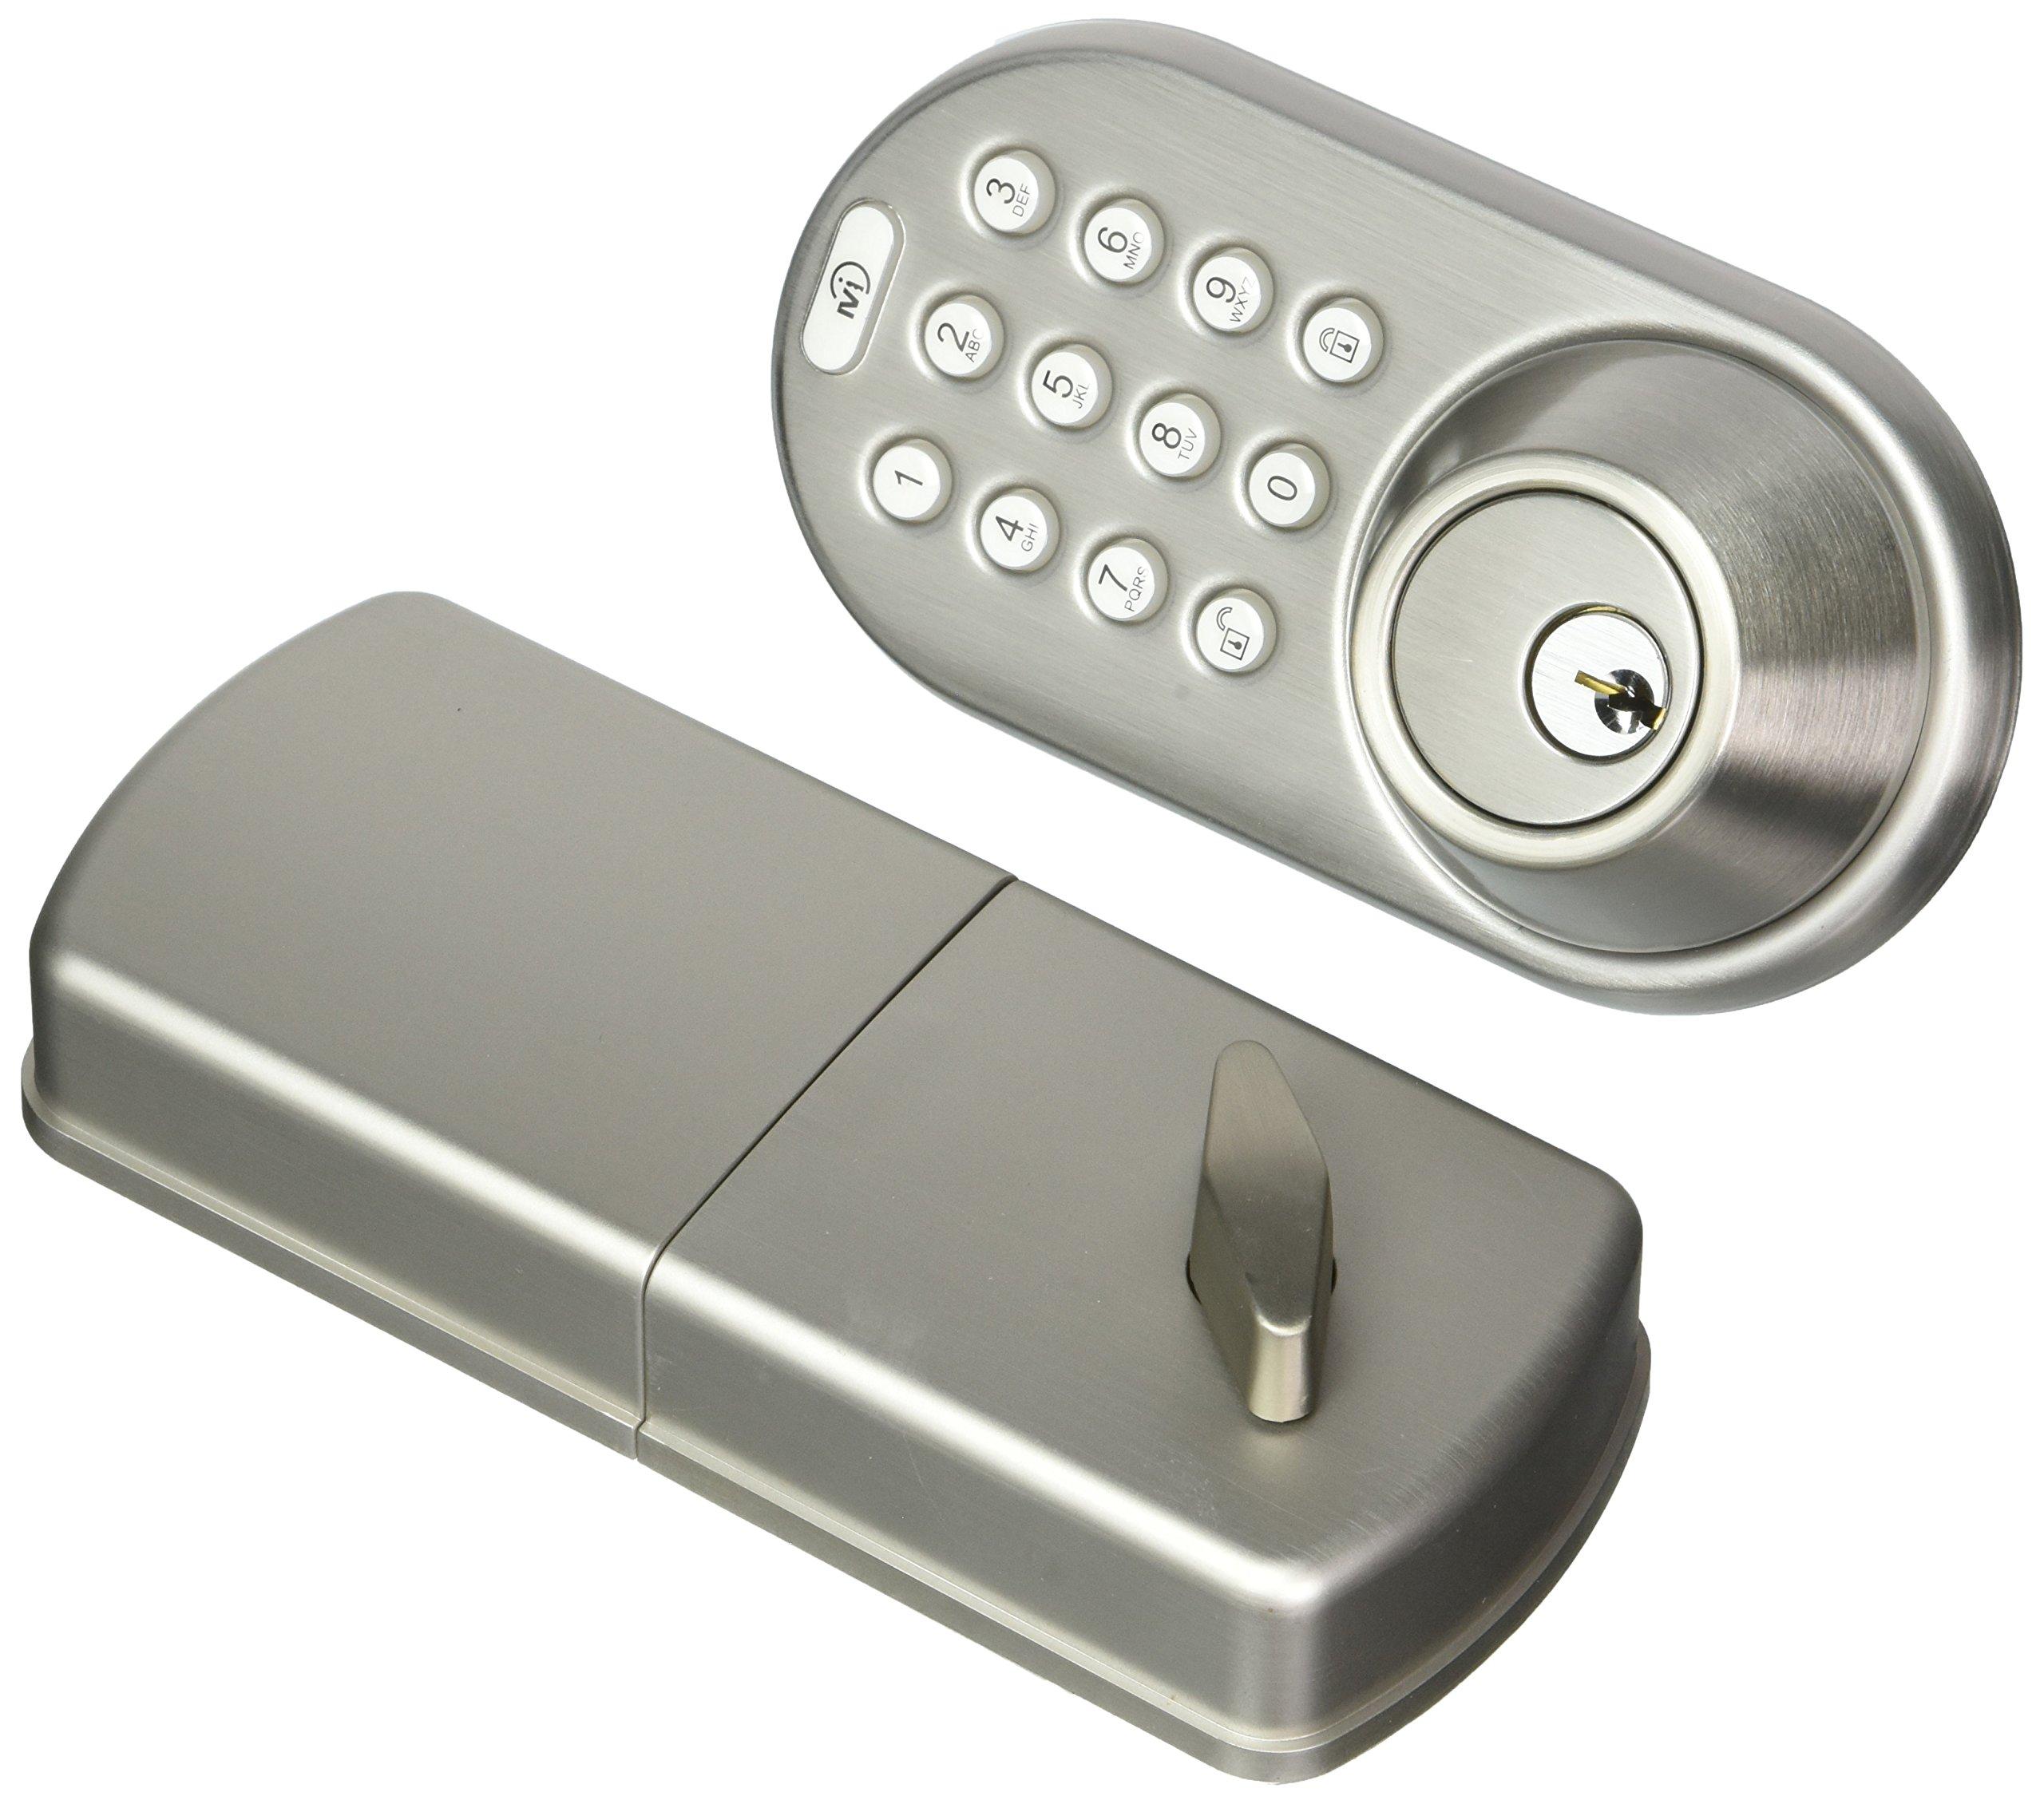 MiLocks Bluetooth and Keypad Deadbolt, Satin Nickel